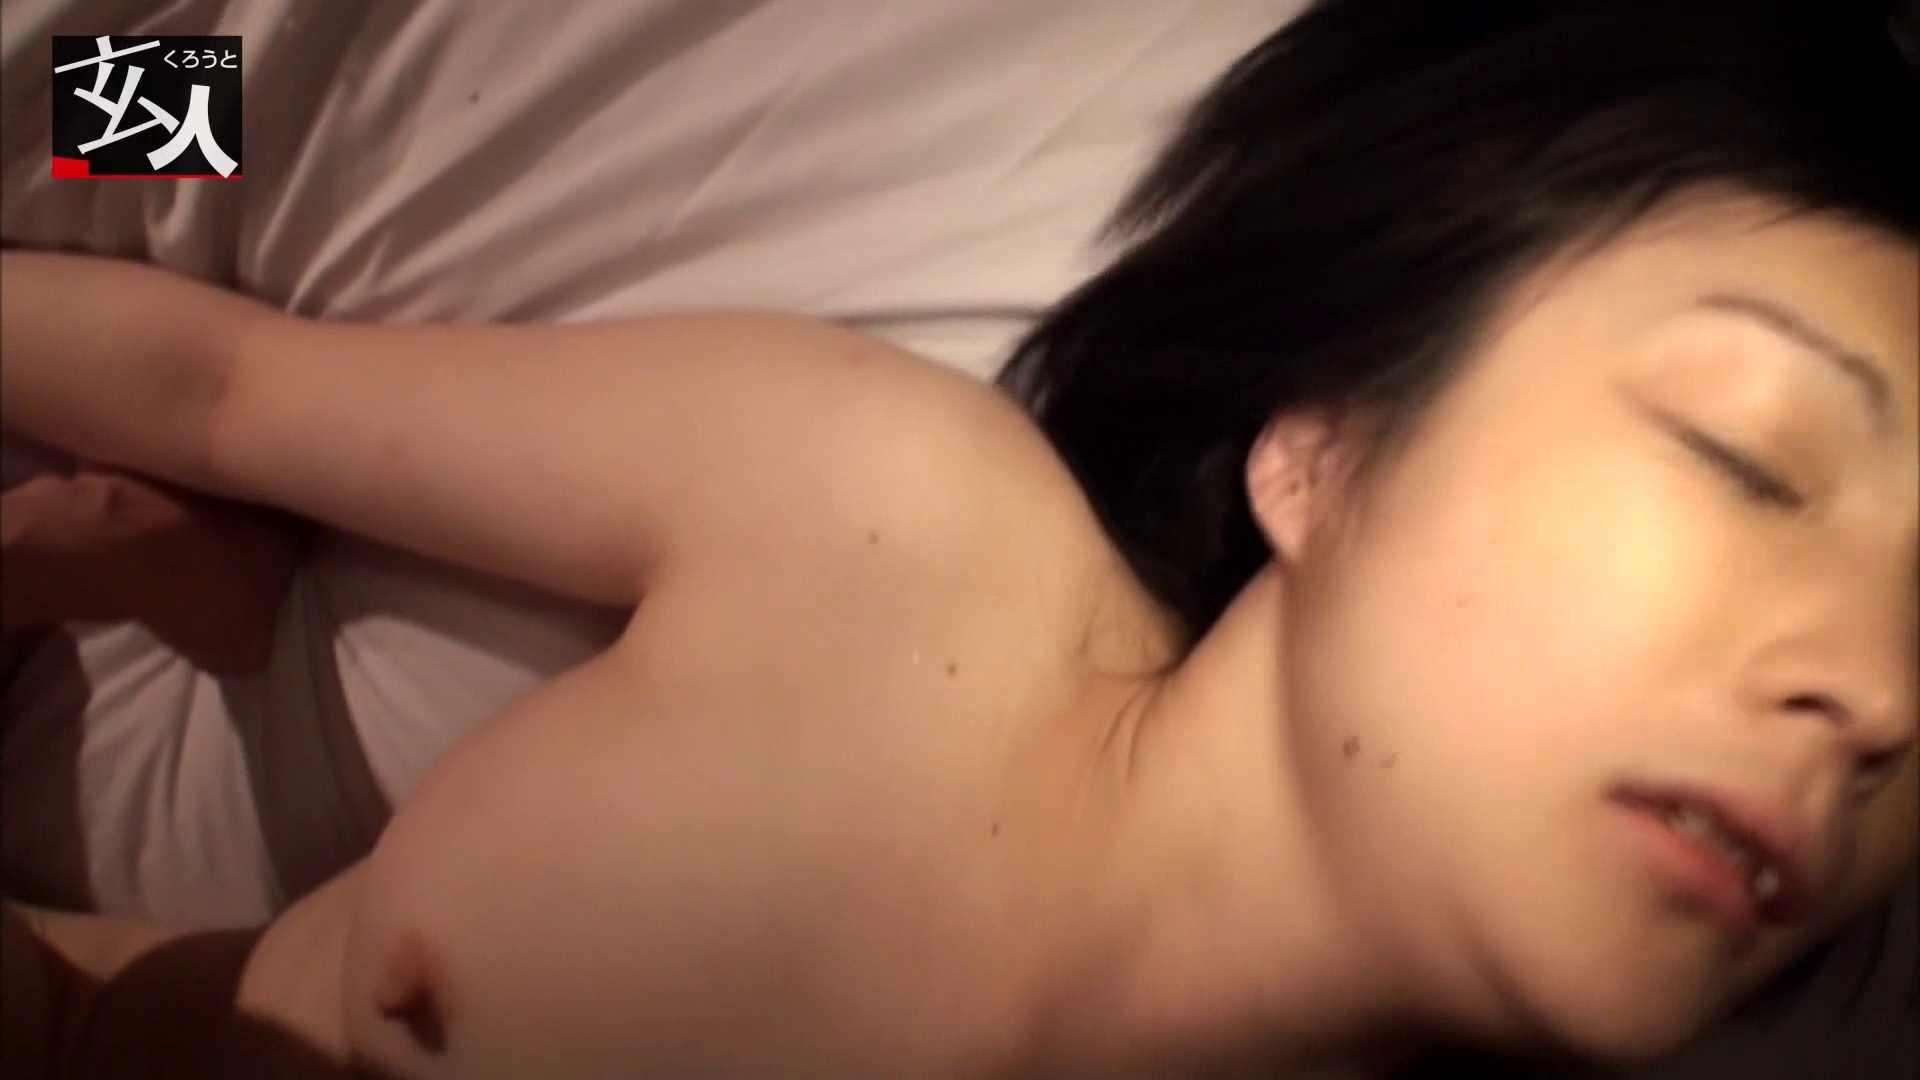 「邪淫無限ループ」変質者拉致~失われた自分~ つるのゆう 細身体型 オマンコ動画キャプチャ 91枚 58